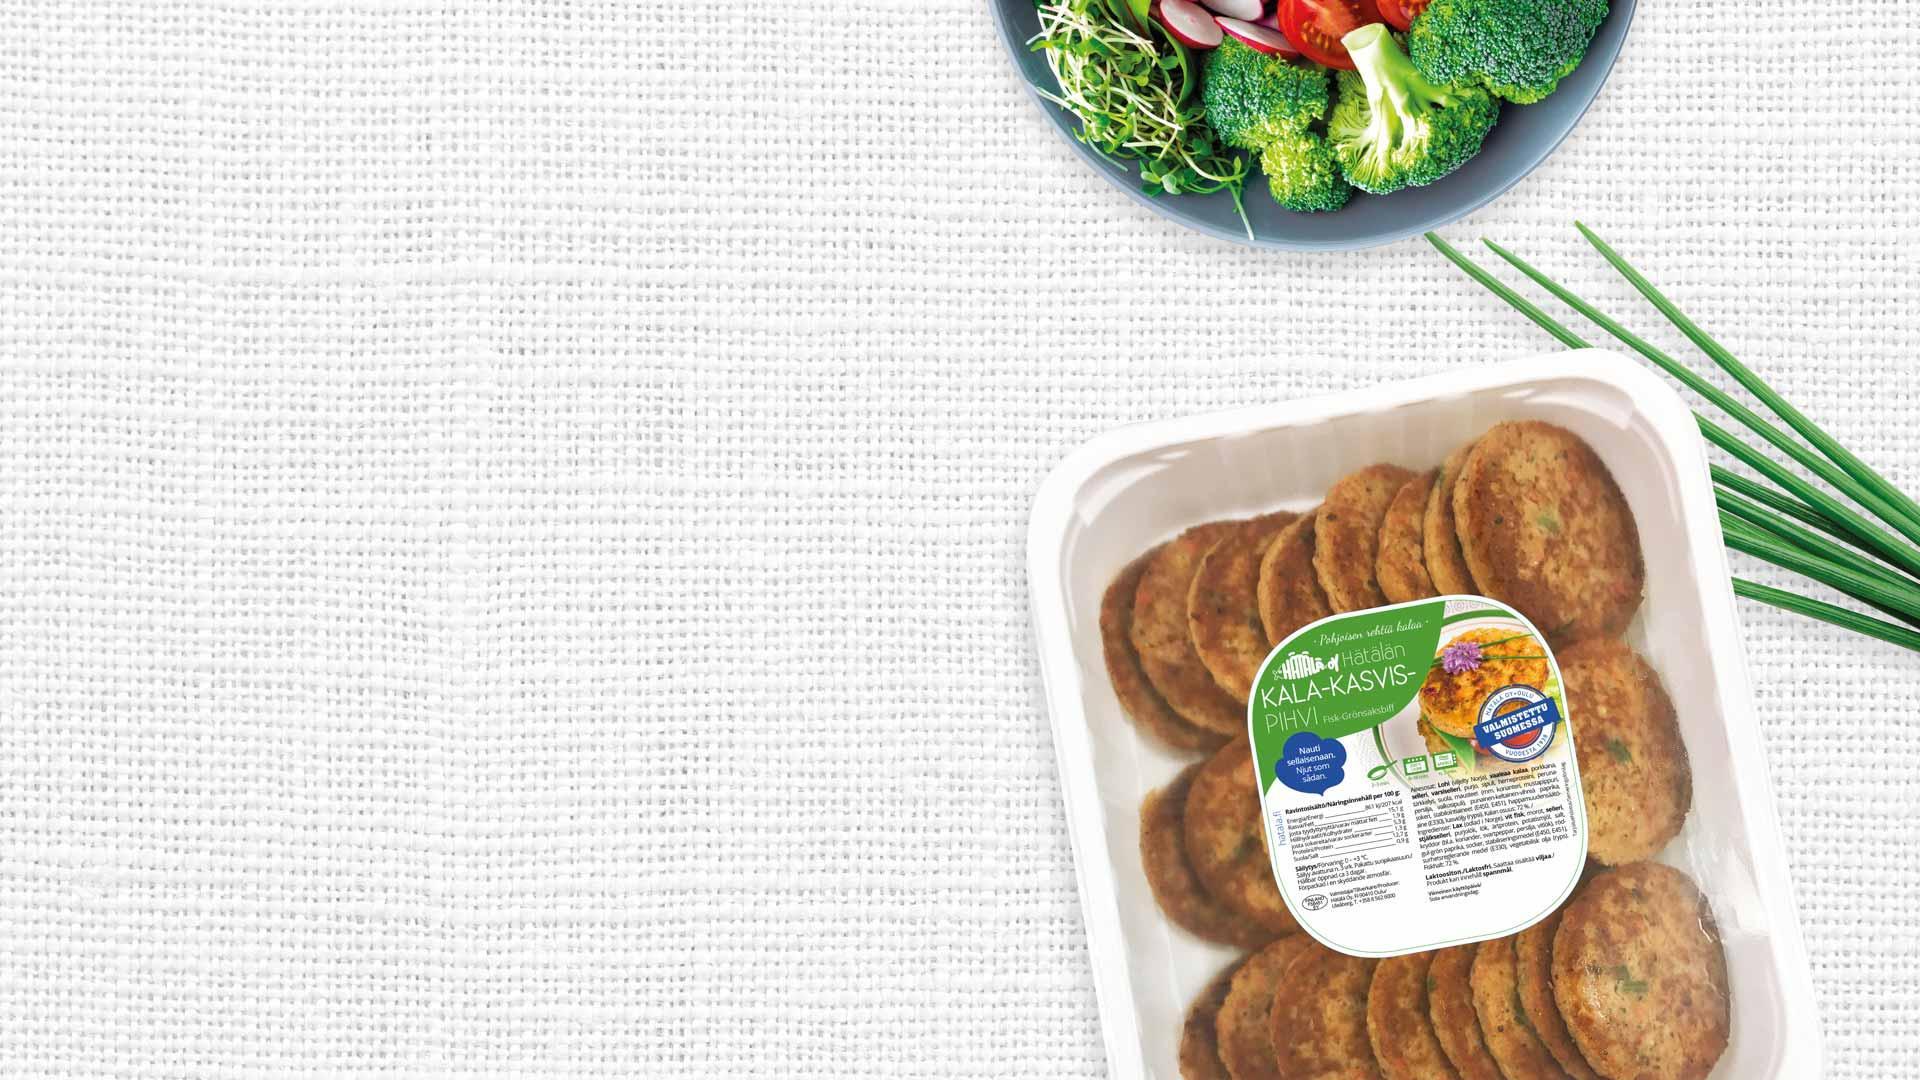 Kala-kasvispihvi 1 kg pakkaus | Kalatuotteet | Hätälä